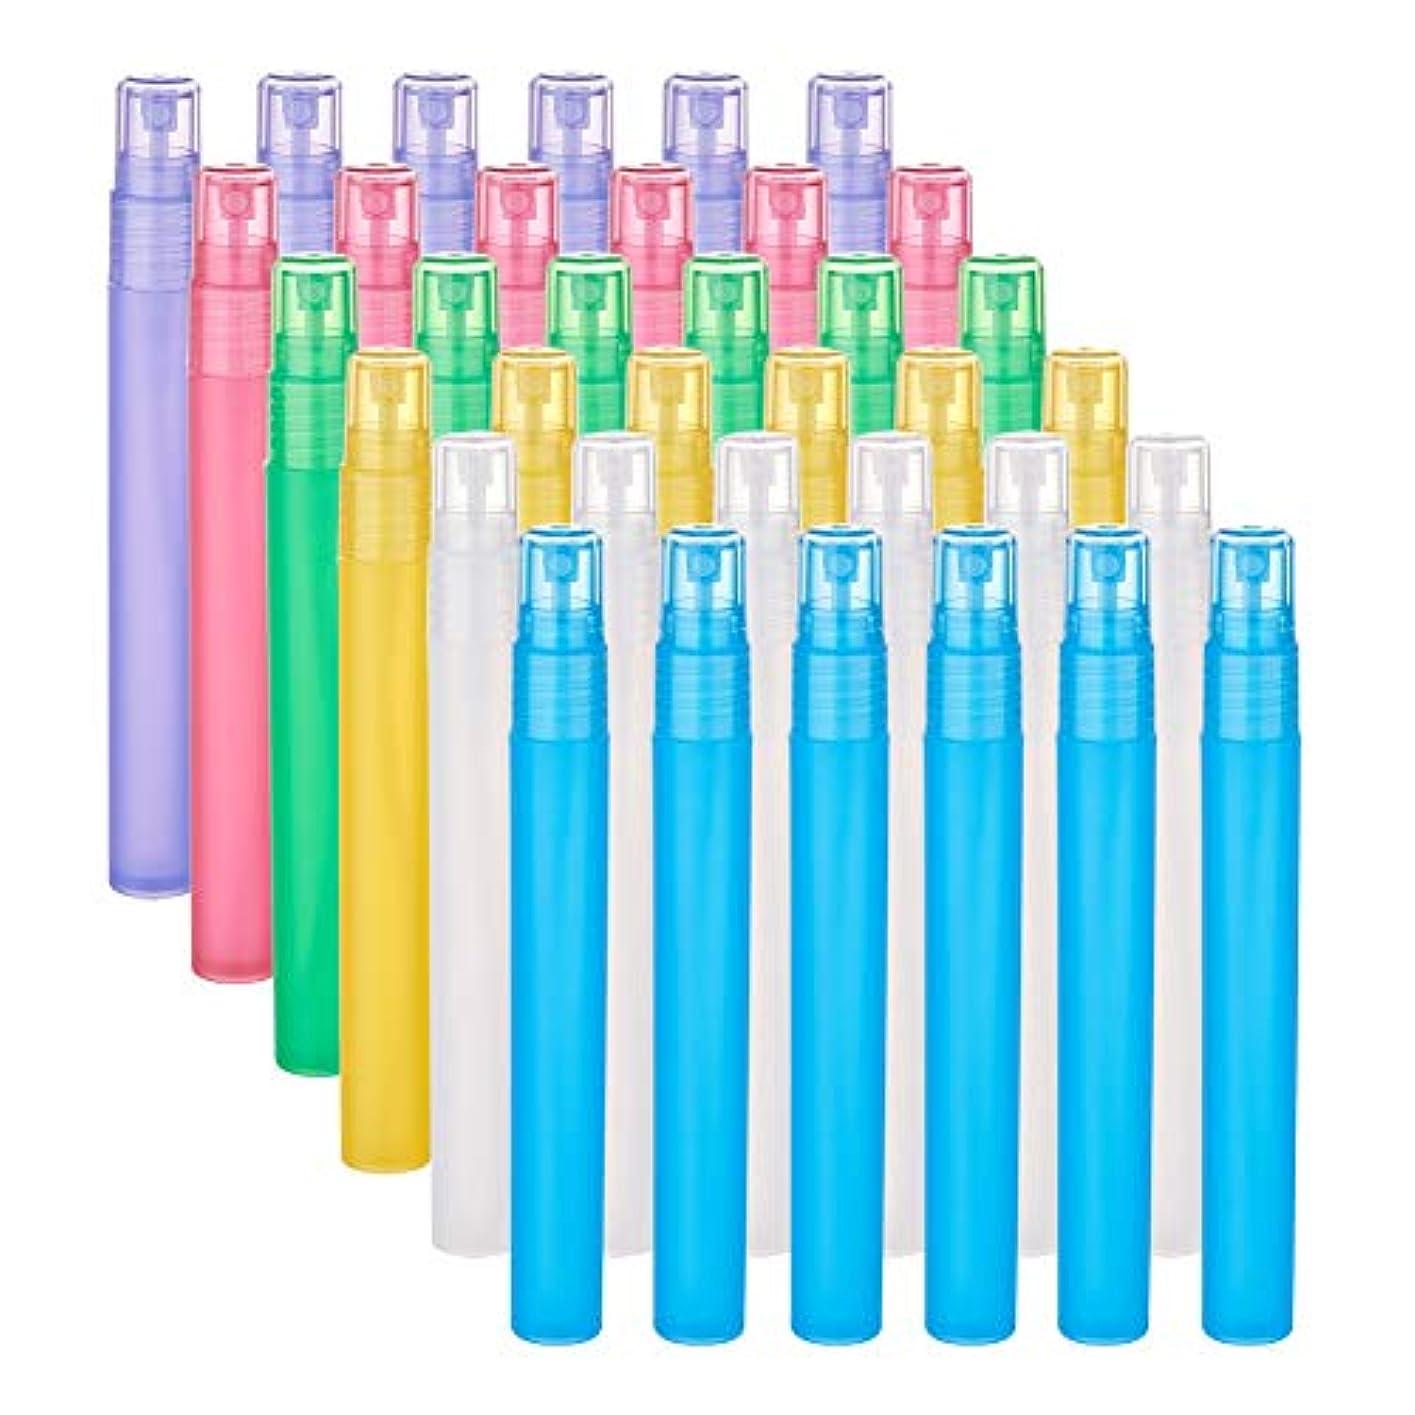 北群れいろいろBENECREAT 24個セット15ml香水スプレーボトル 6種色 プラスティック製 極細ミスト 香水 化粧水 コスメ小分けボトル 詰め替え